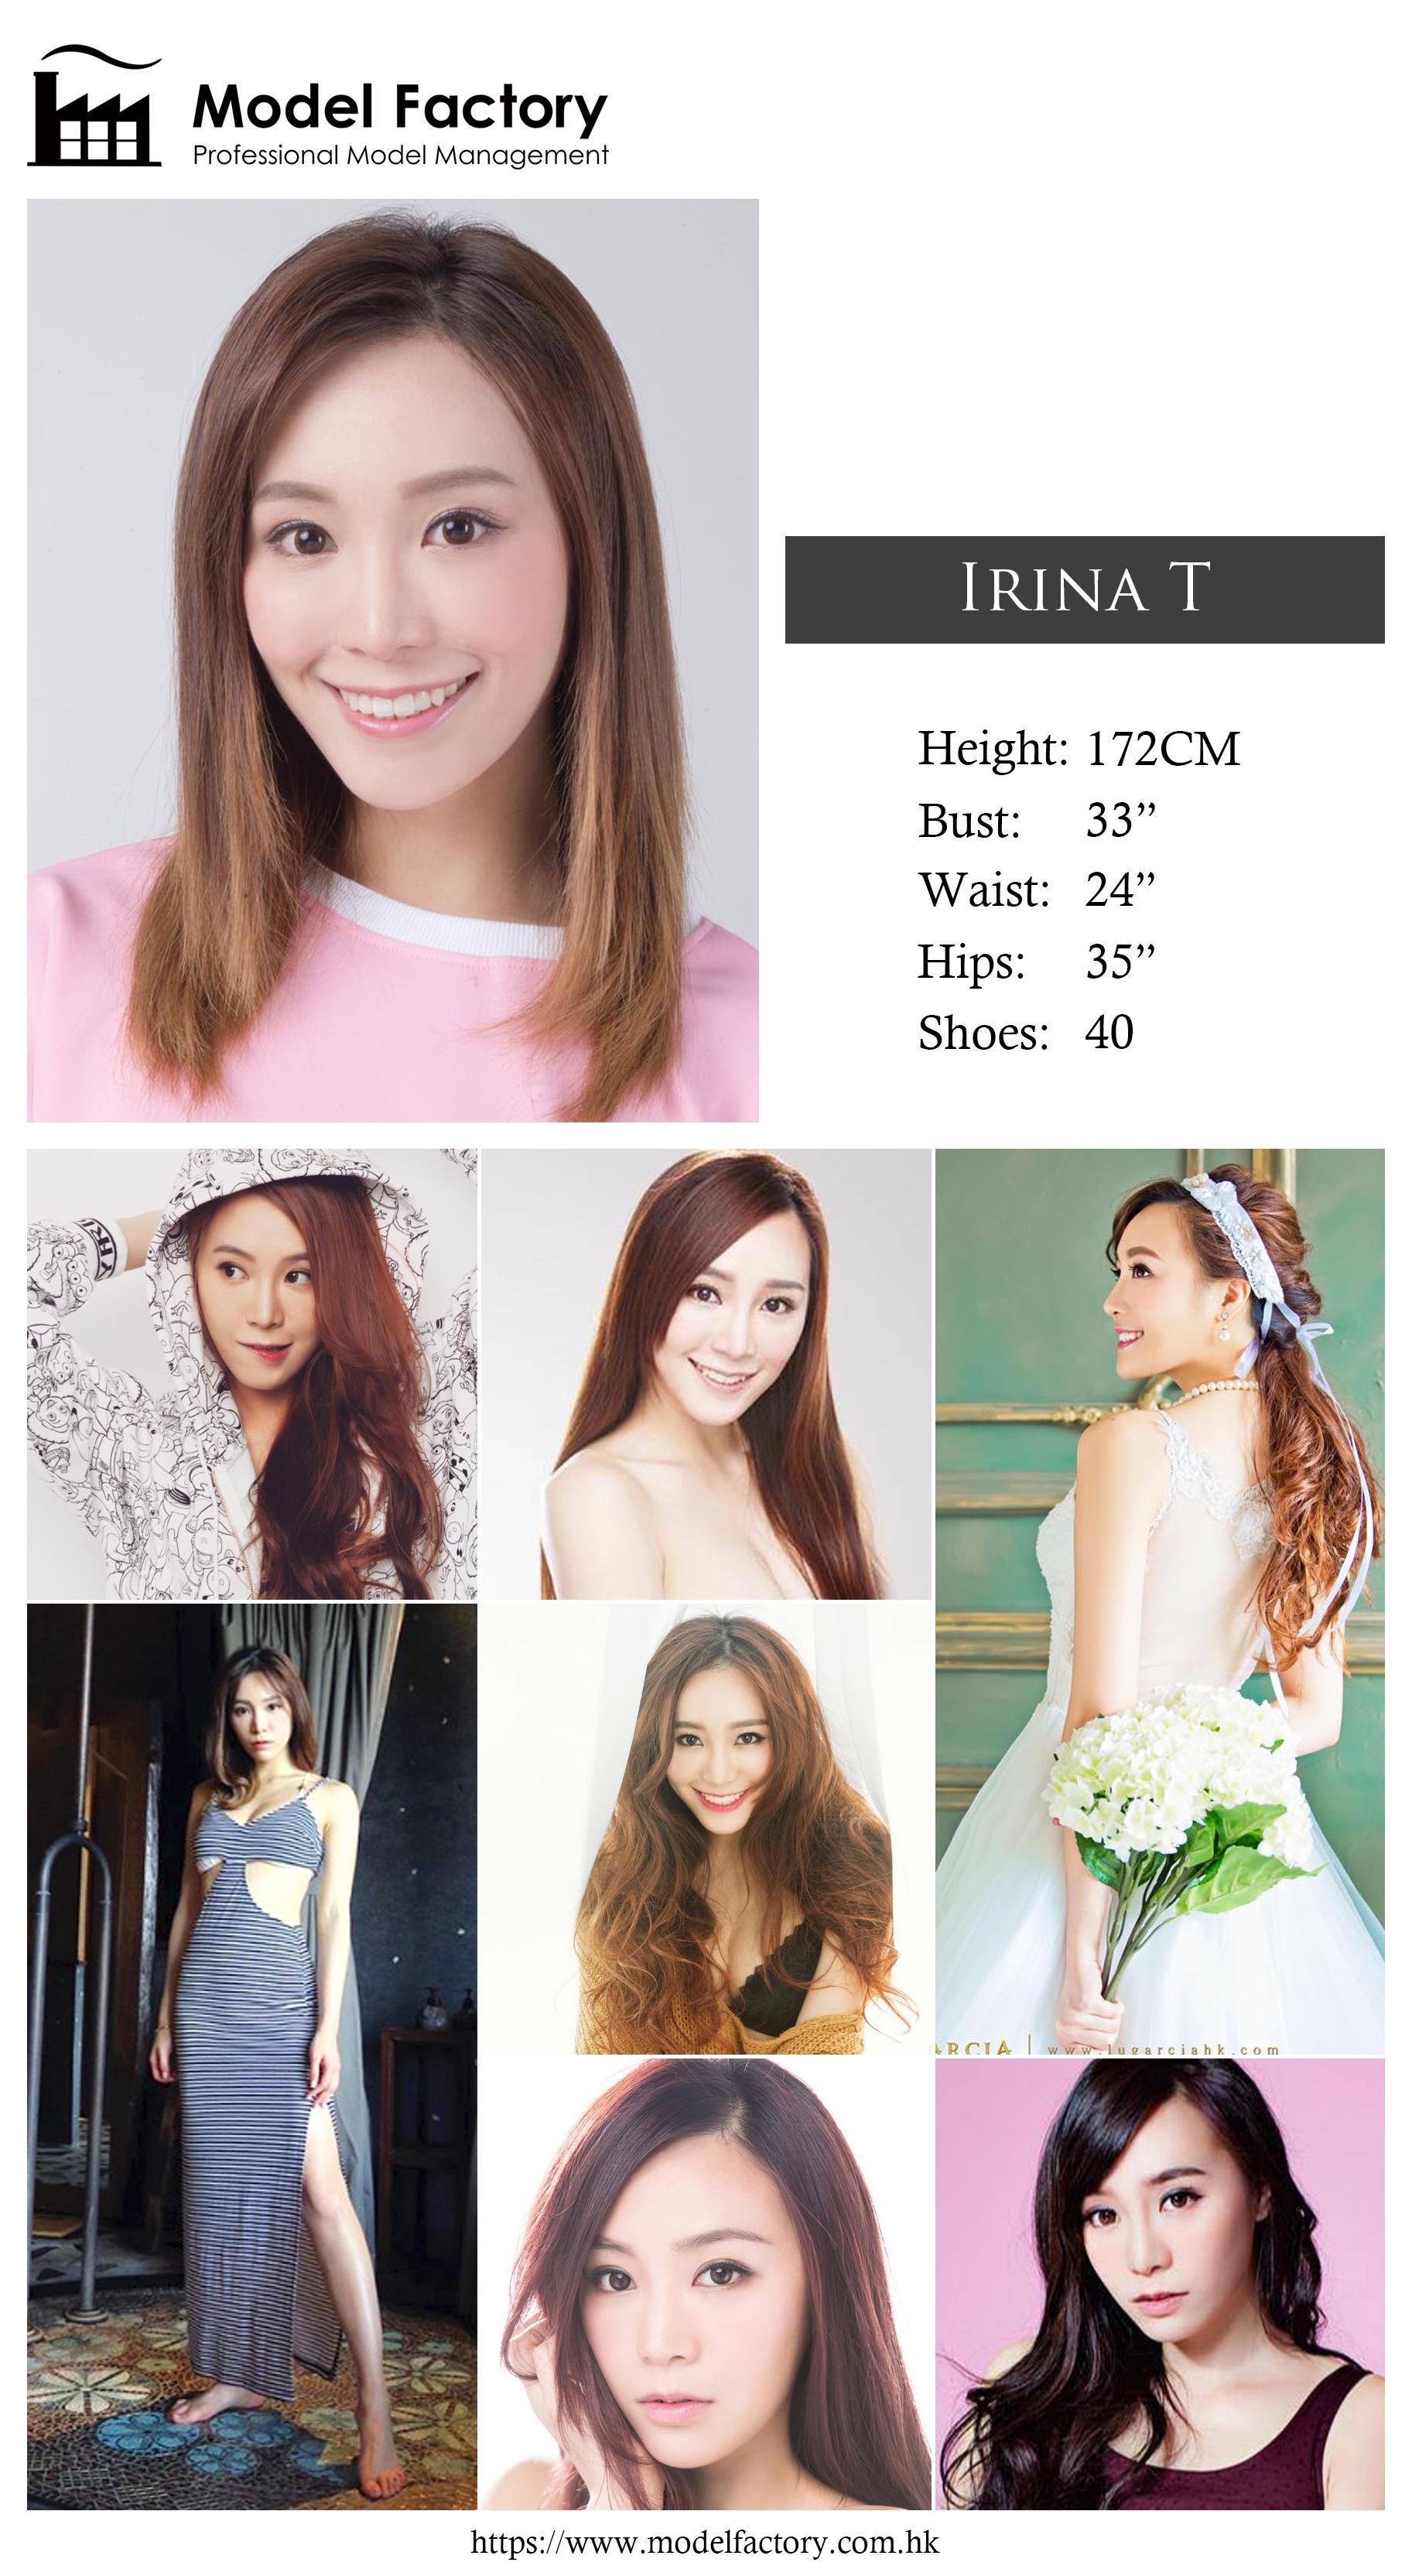 Model Factory Hong Kong Female Model IrinaT